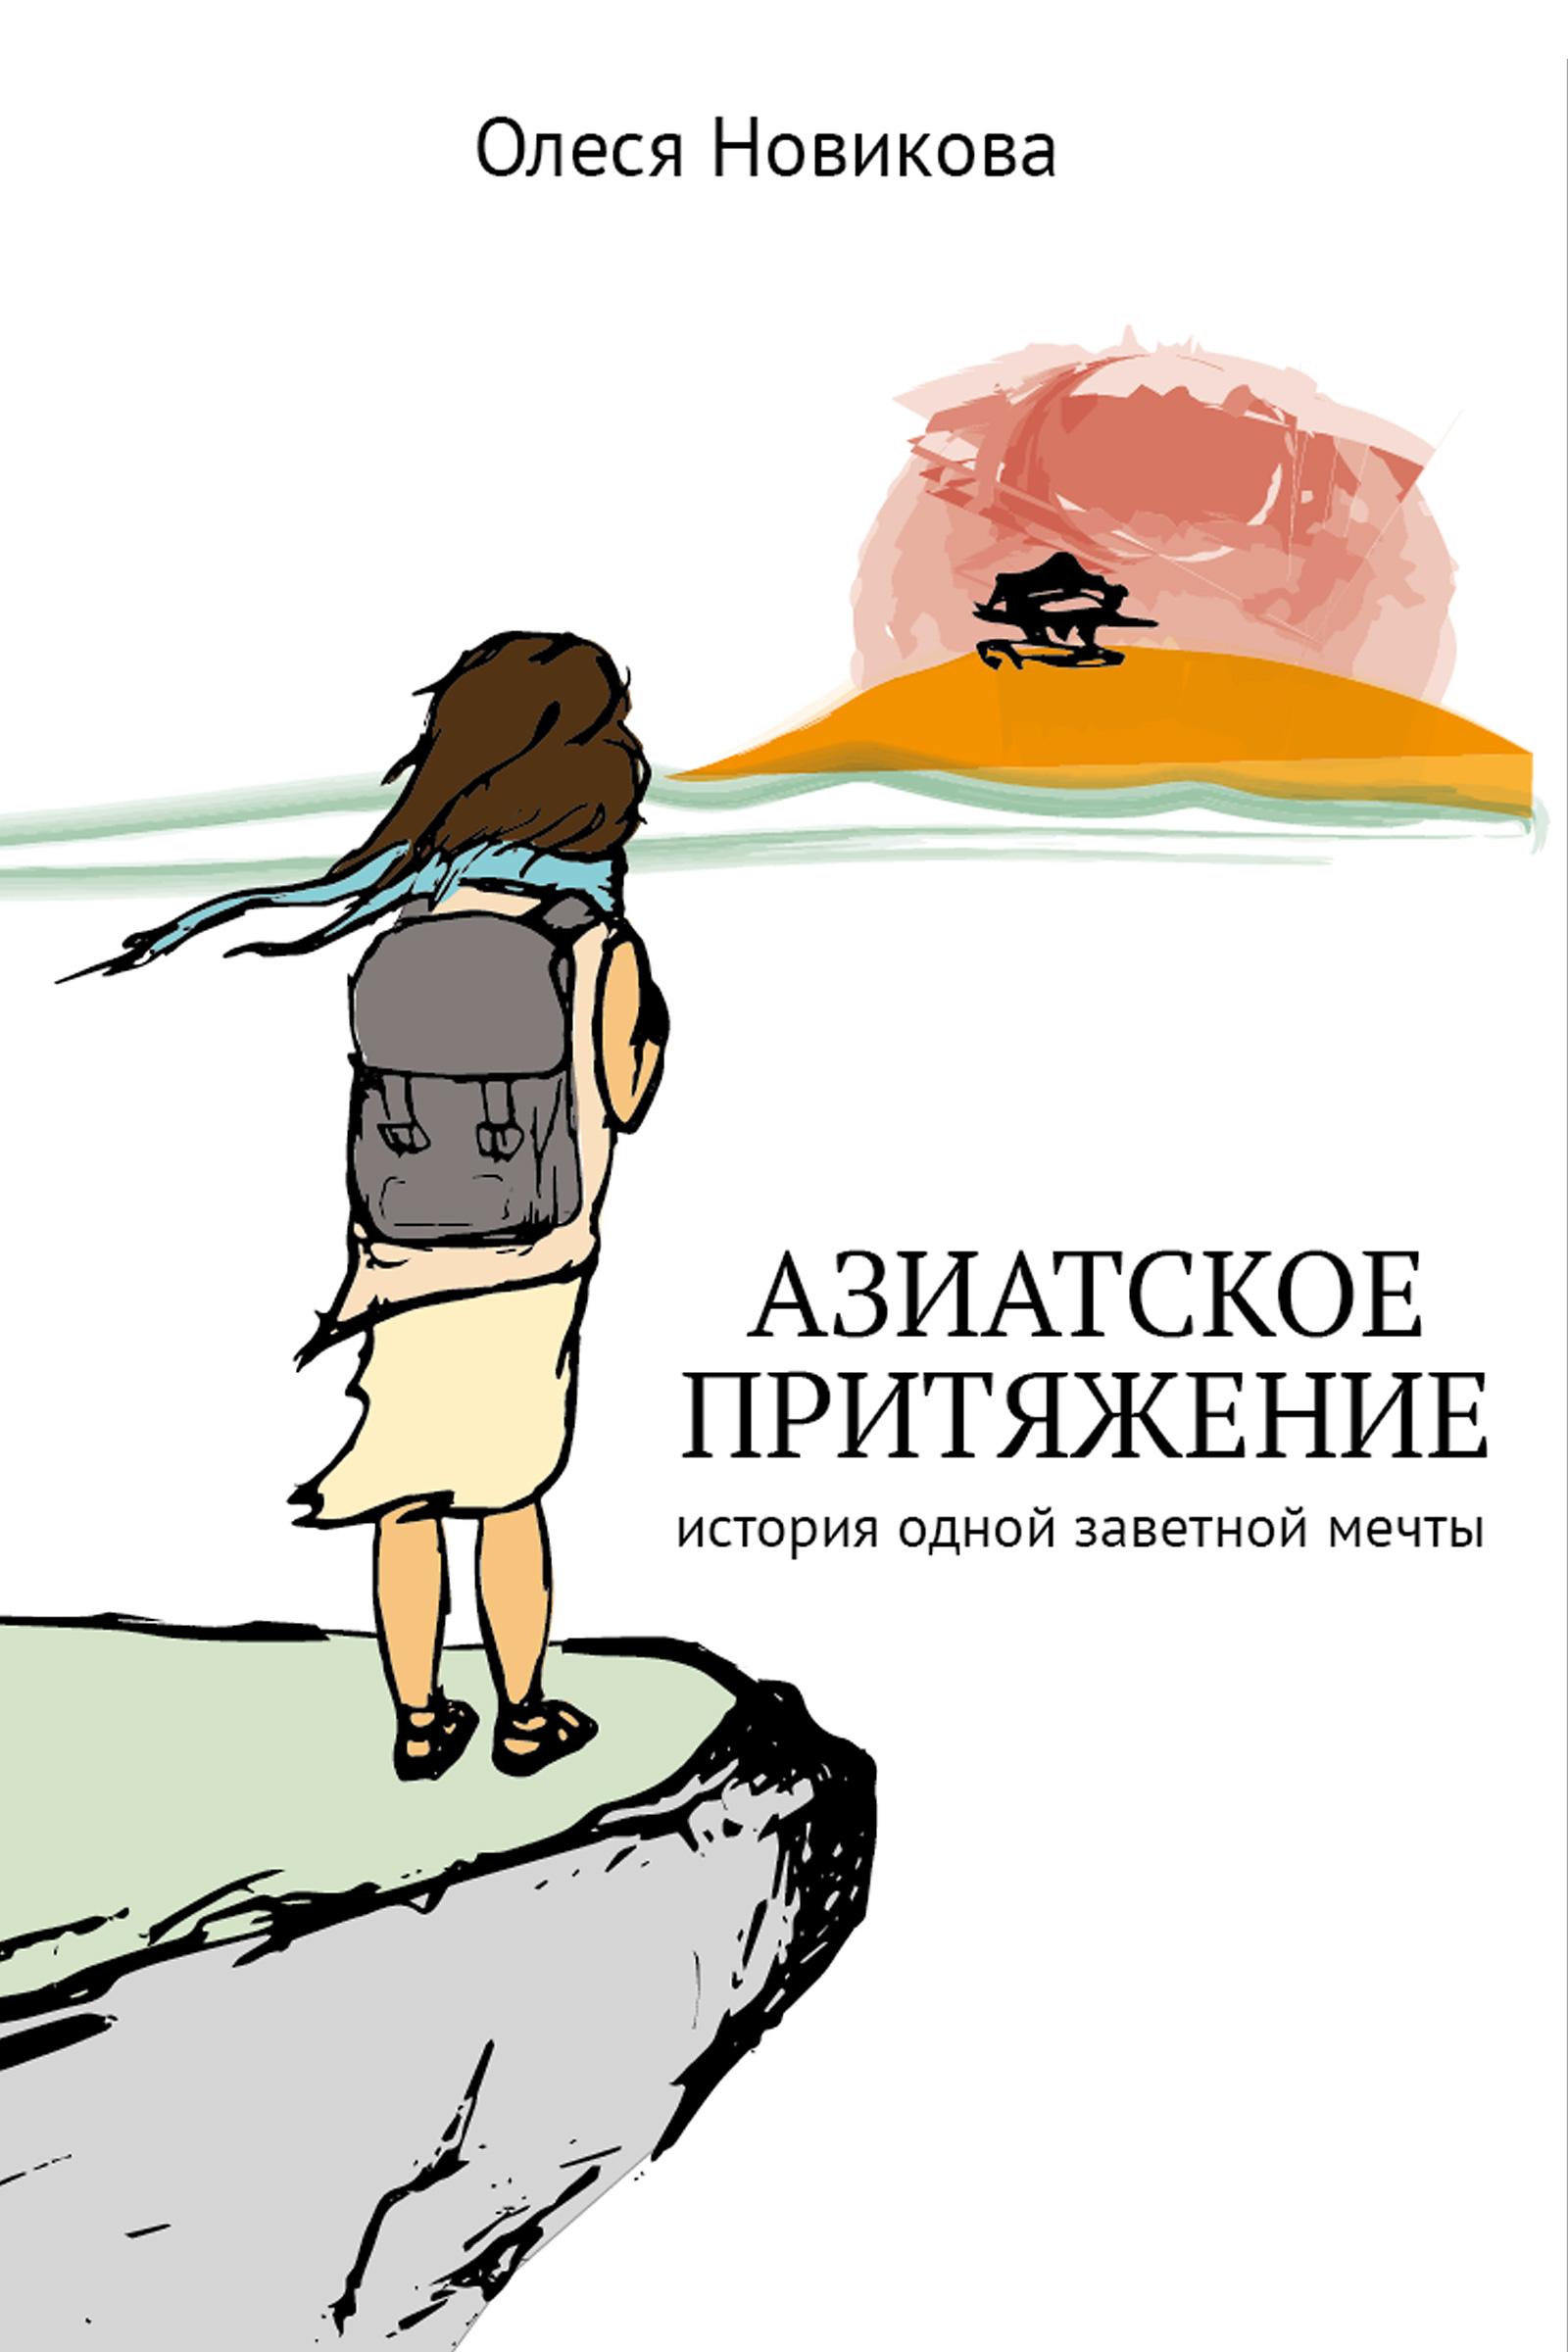 Олеся Новикова Азиатское притяжение меркулов м от менеджера по продажам до руководителя отдела